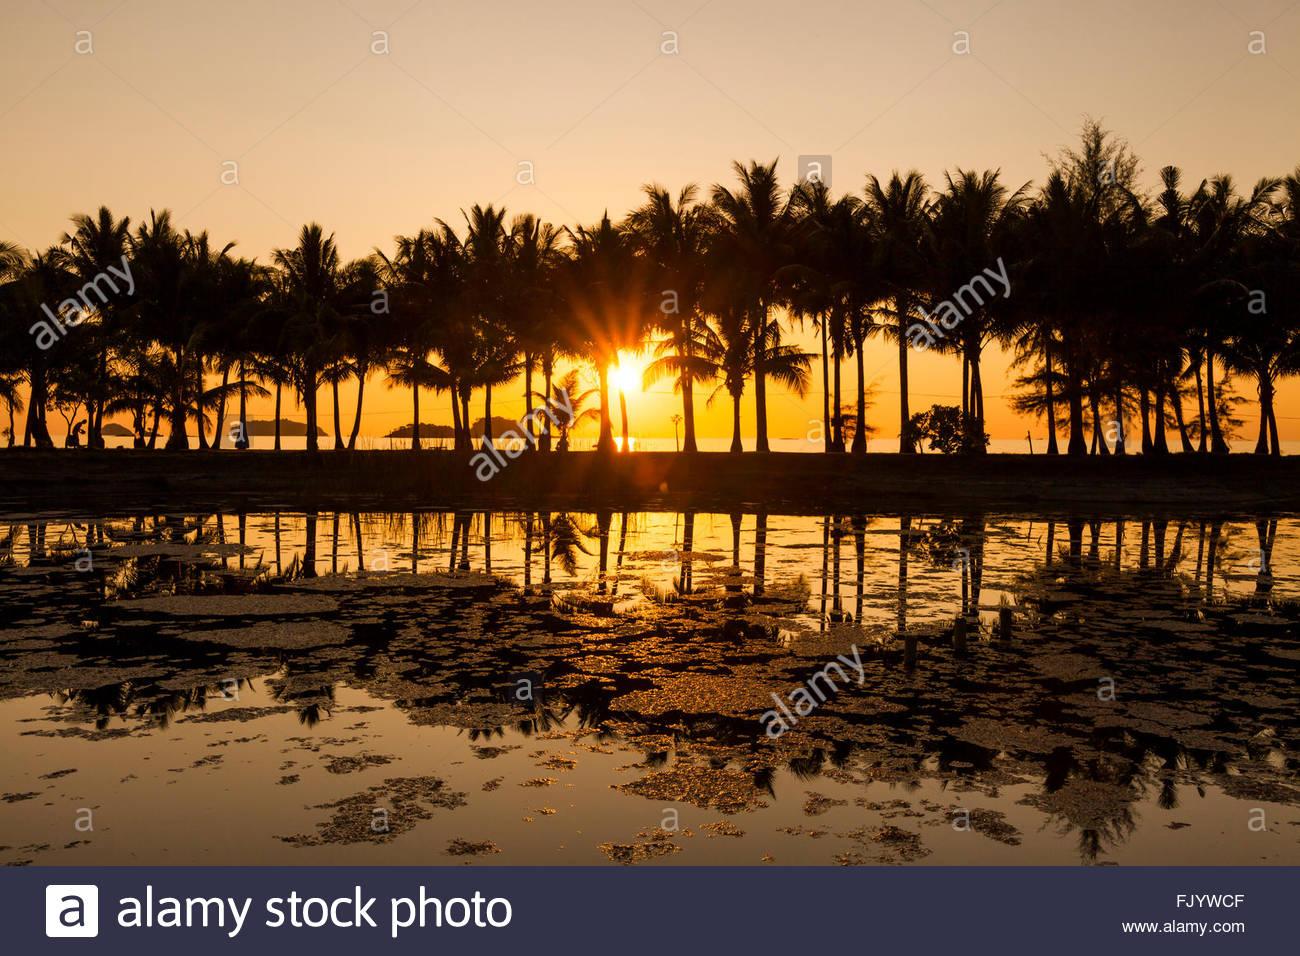 Des cocotiers sur la plage de sable de l'île tropicale. Koh Chang. La Thaïlande. Photo Stock